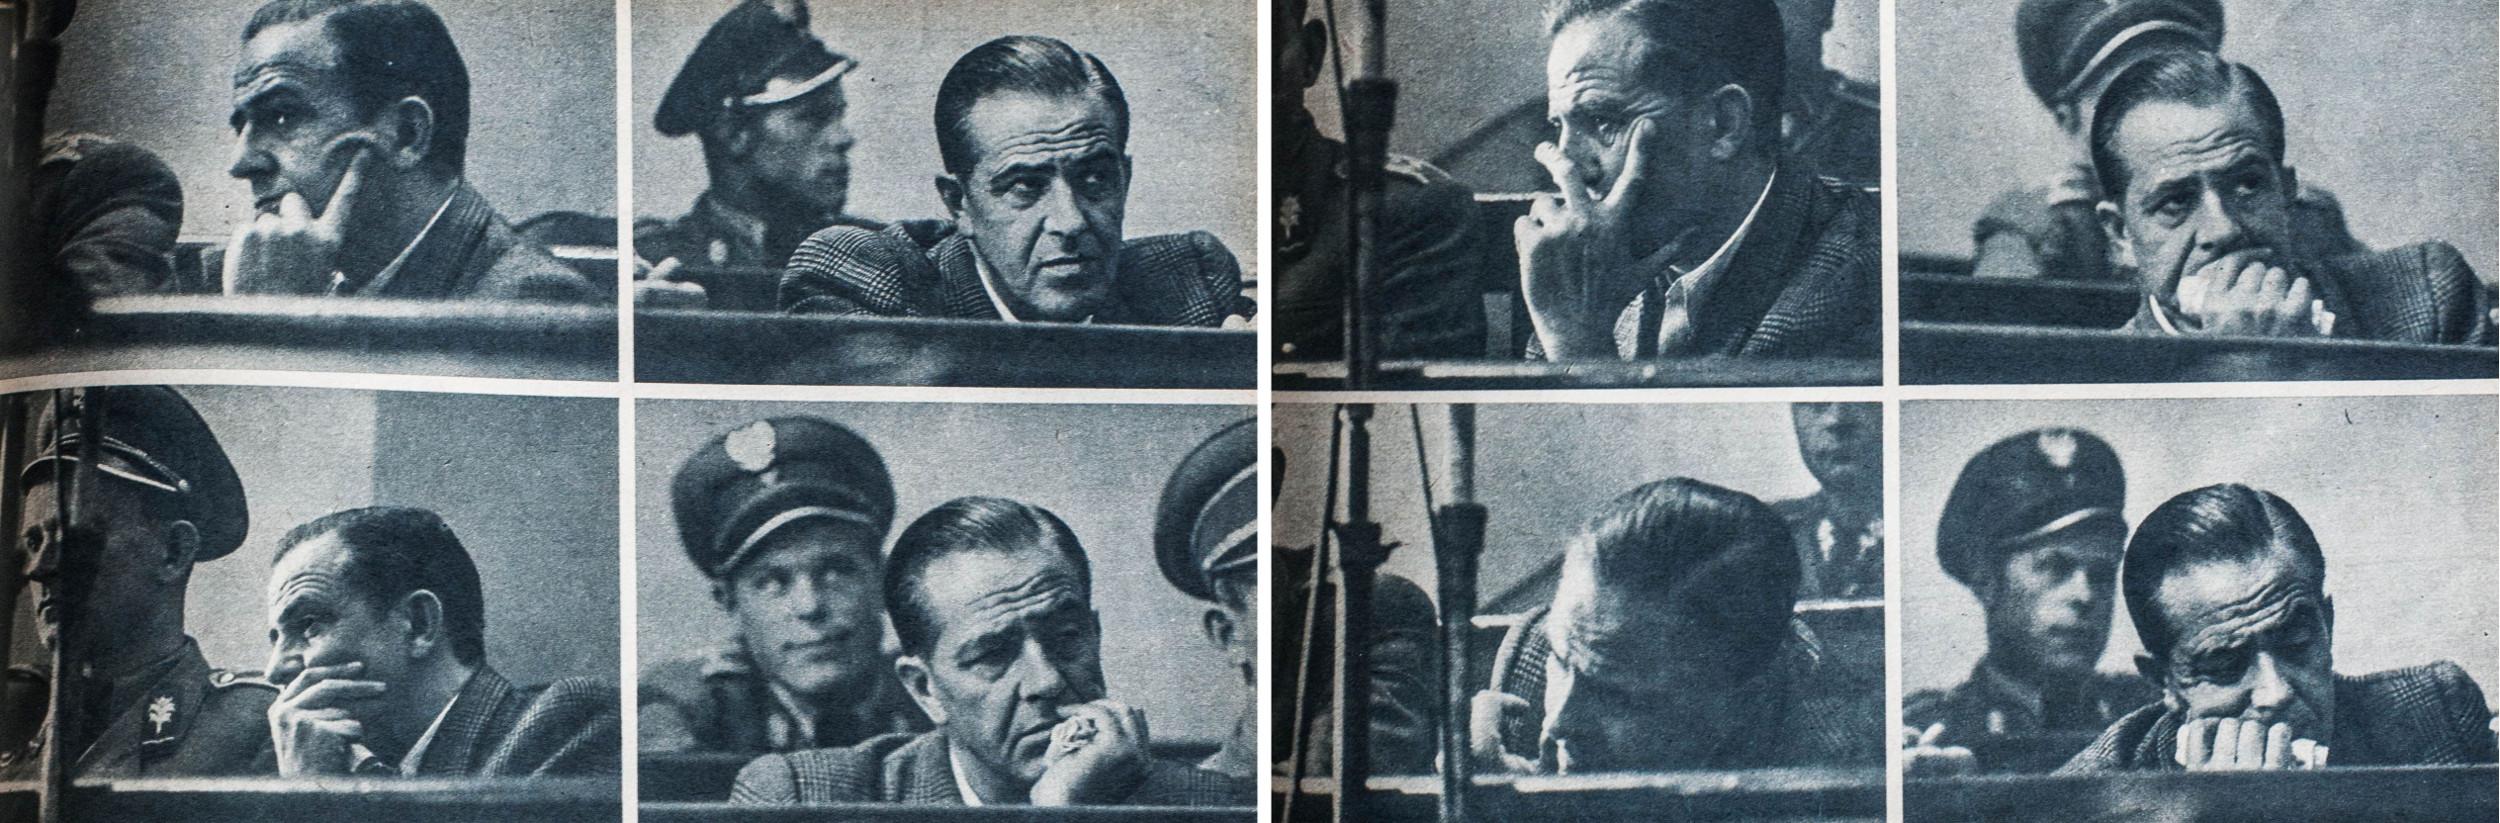 Podczas rozprawy Mazurkiewicz z taką uwagą słuchał o swoich zbrodniach, jakby nigdy wcześniej o nich nie słyszał, zdjęcie prasowe z 1956 roku (fot. zdjęcie archiwalne / Adam Tuchliński)